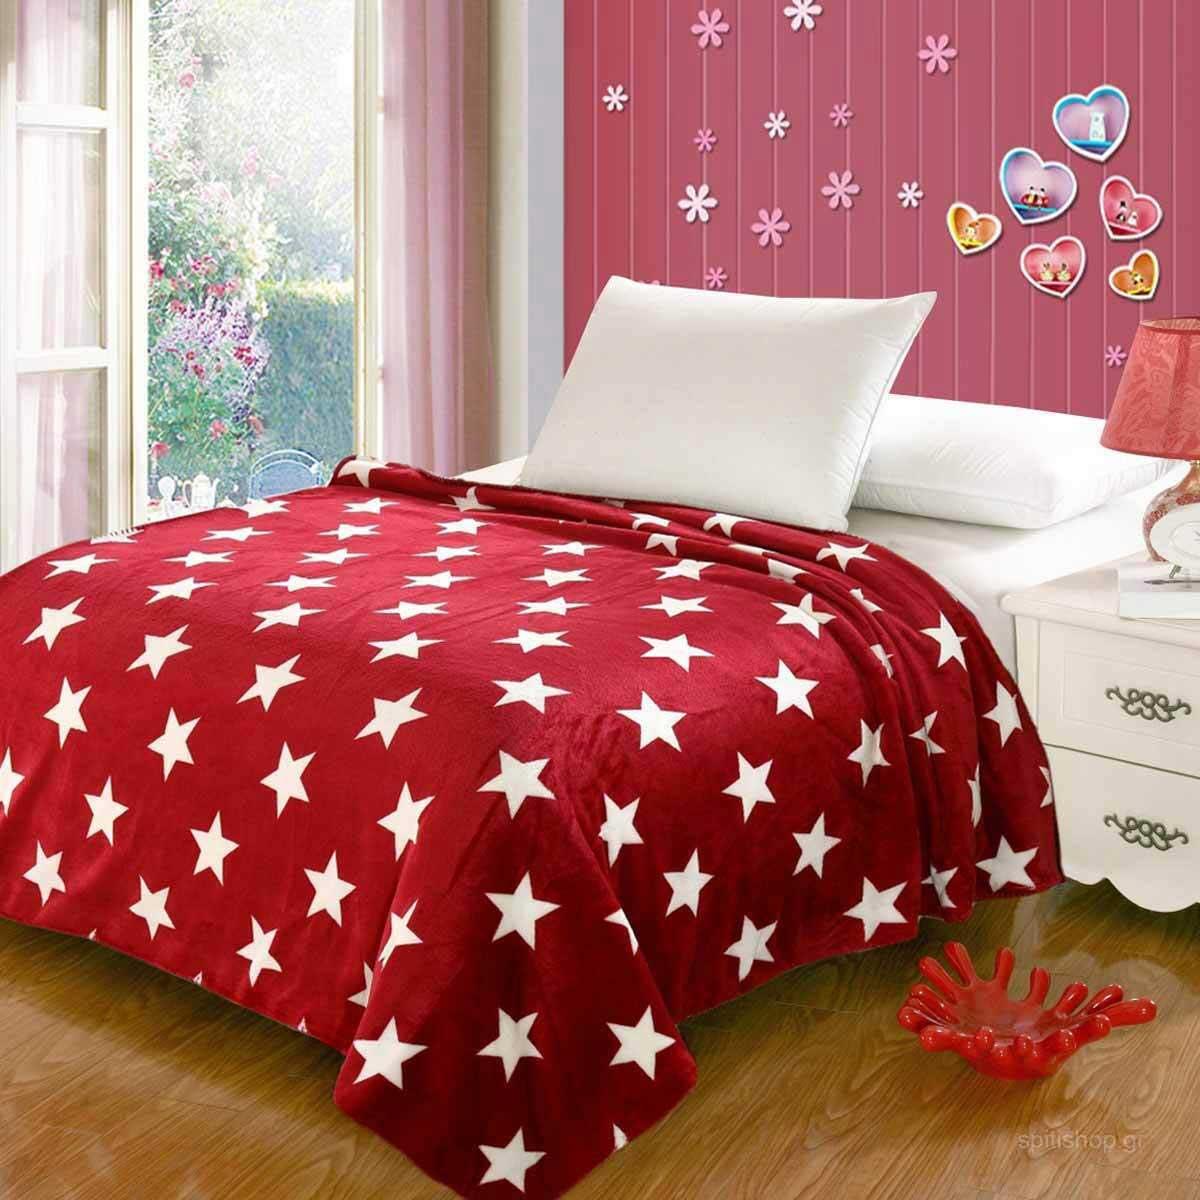 Κουβέρτα Fleece Υπέρδιπλη Silk Fashion Star Flannel Red